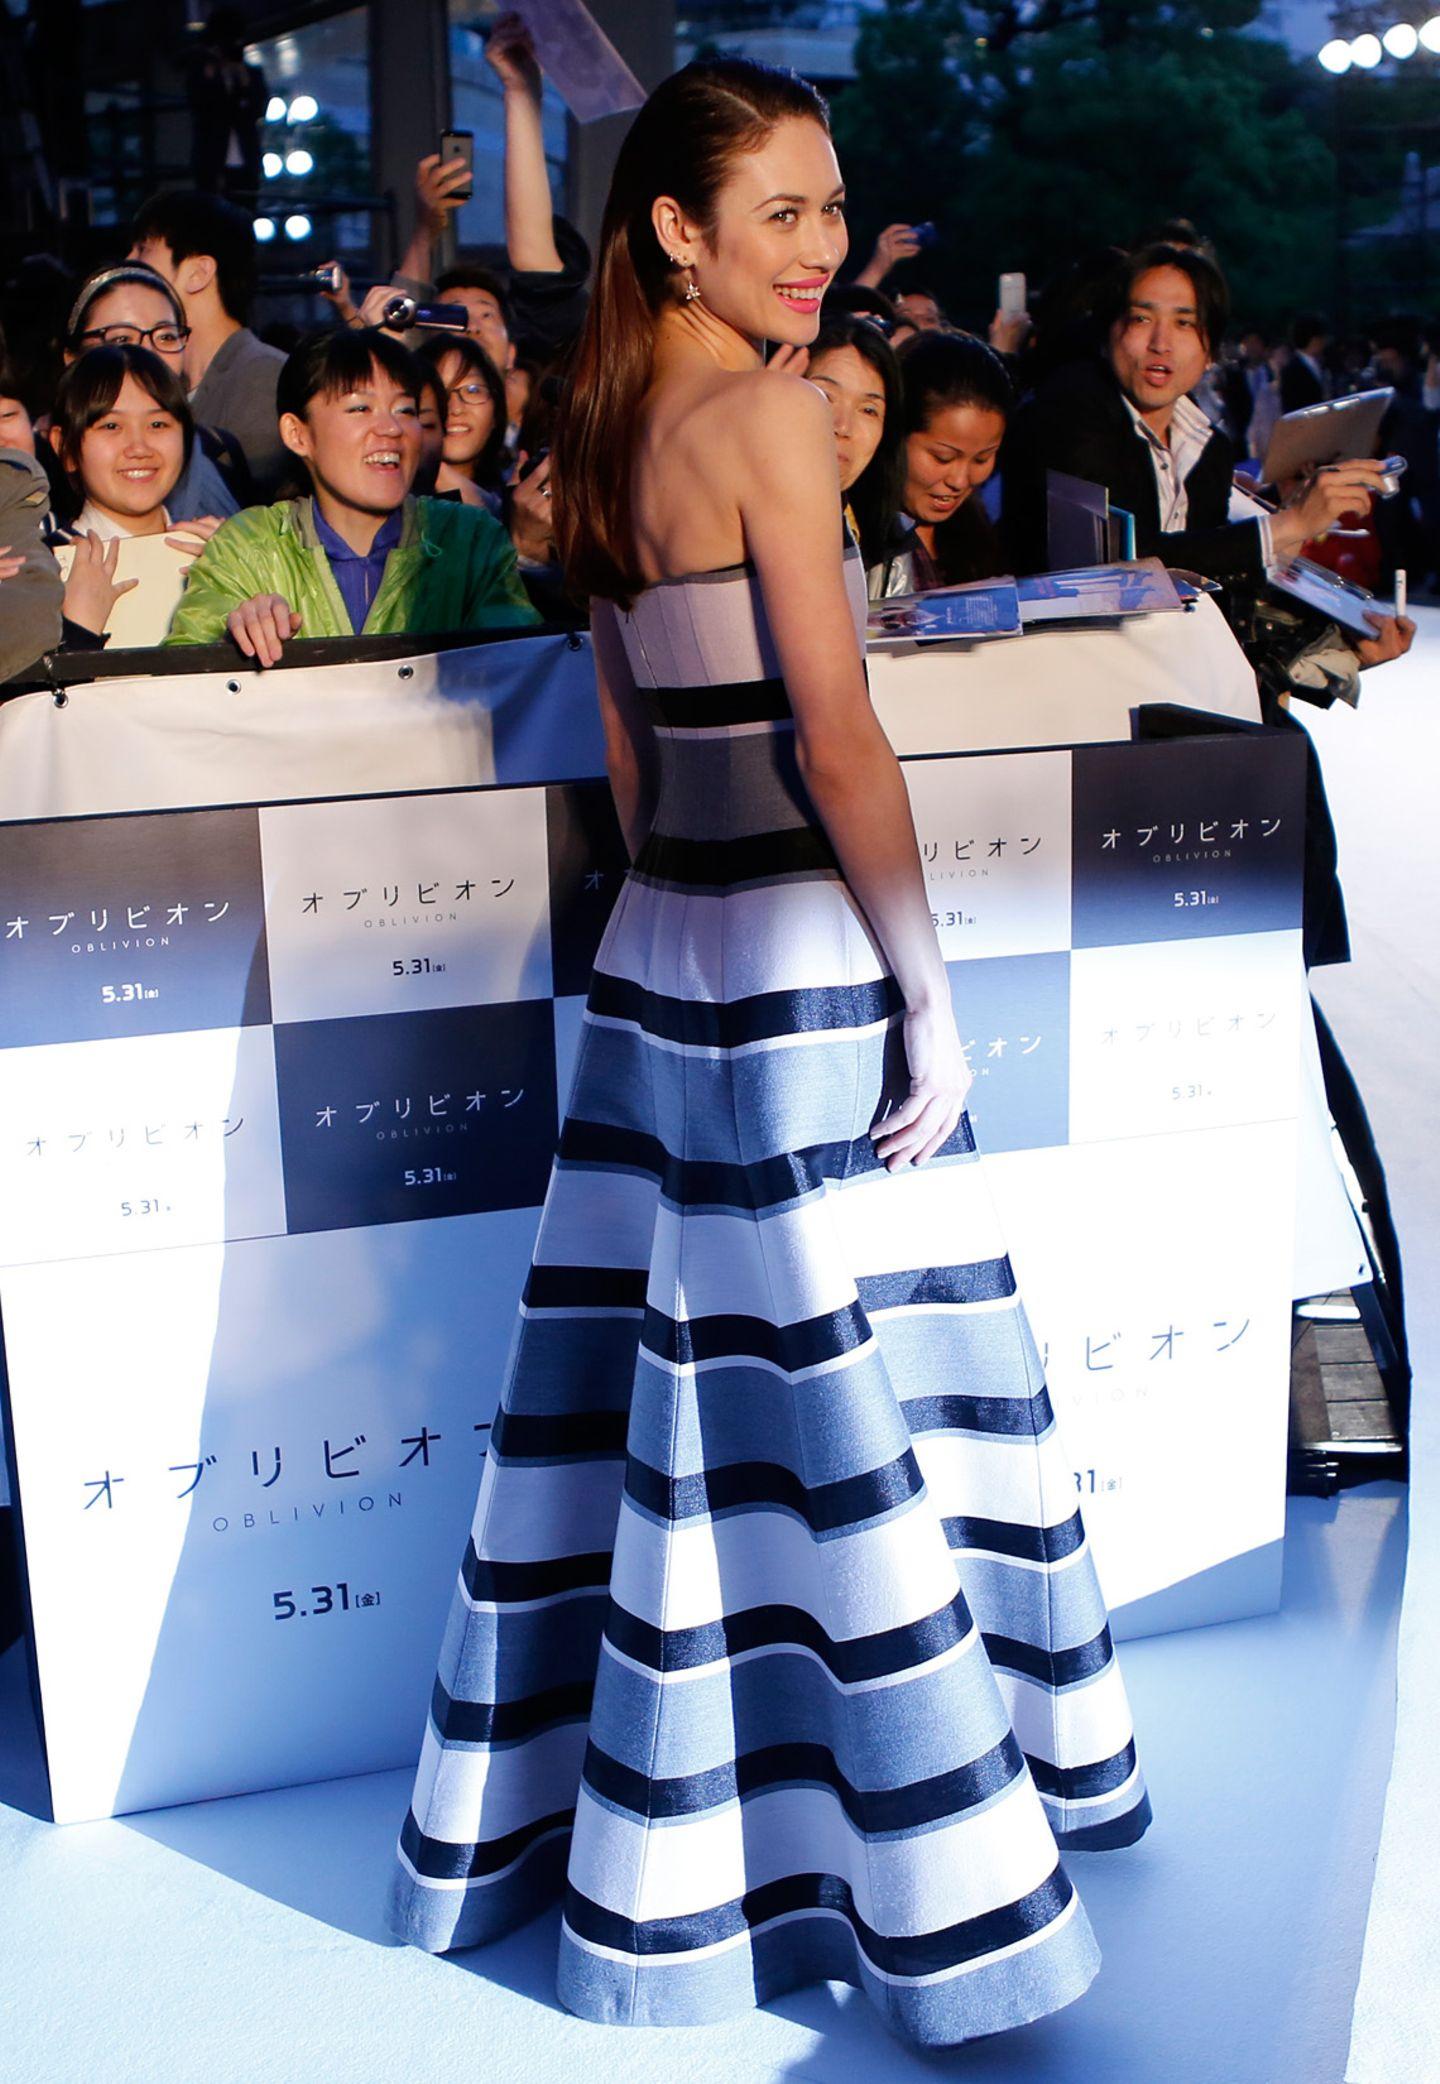 Atemberaubend schön sieht Olga Kurylenko in einem trägerlosen Streifenkleid von Dior aus. Sicherlich gaben auch viele Fans dieses Kompliment an sie weiter.